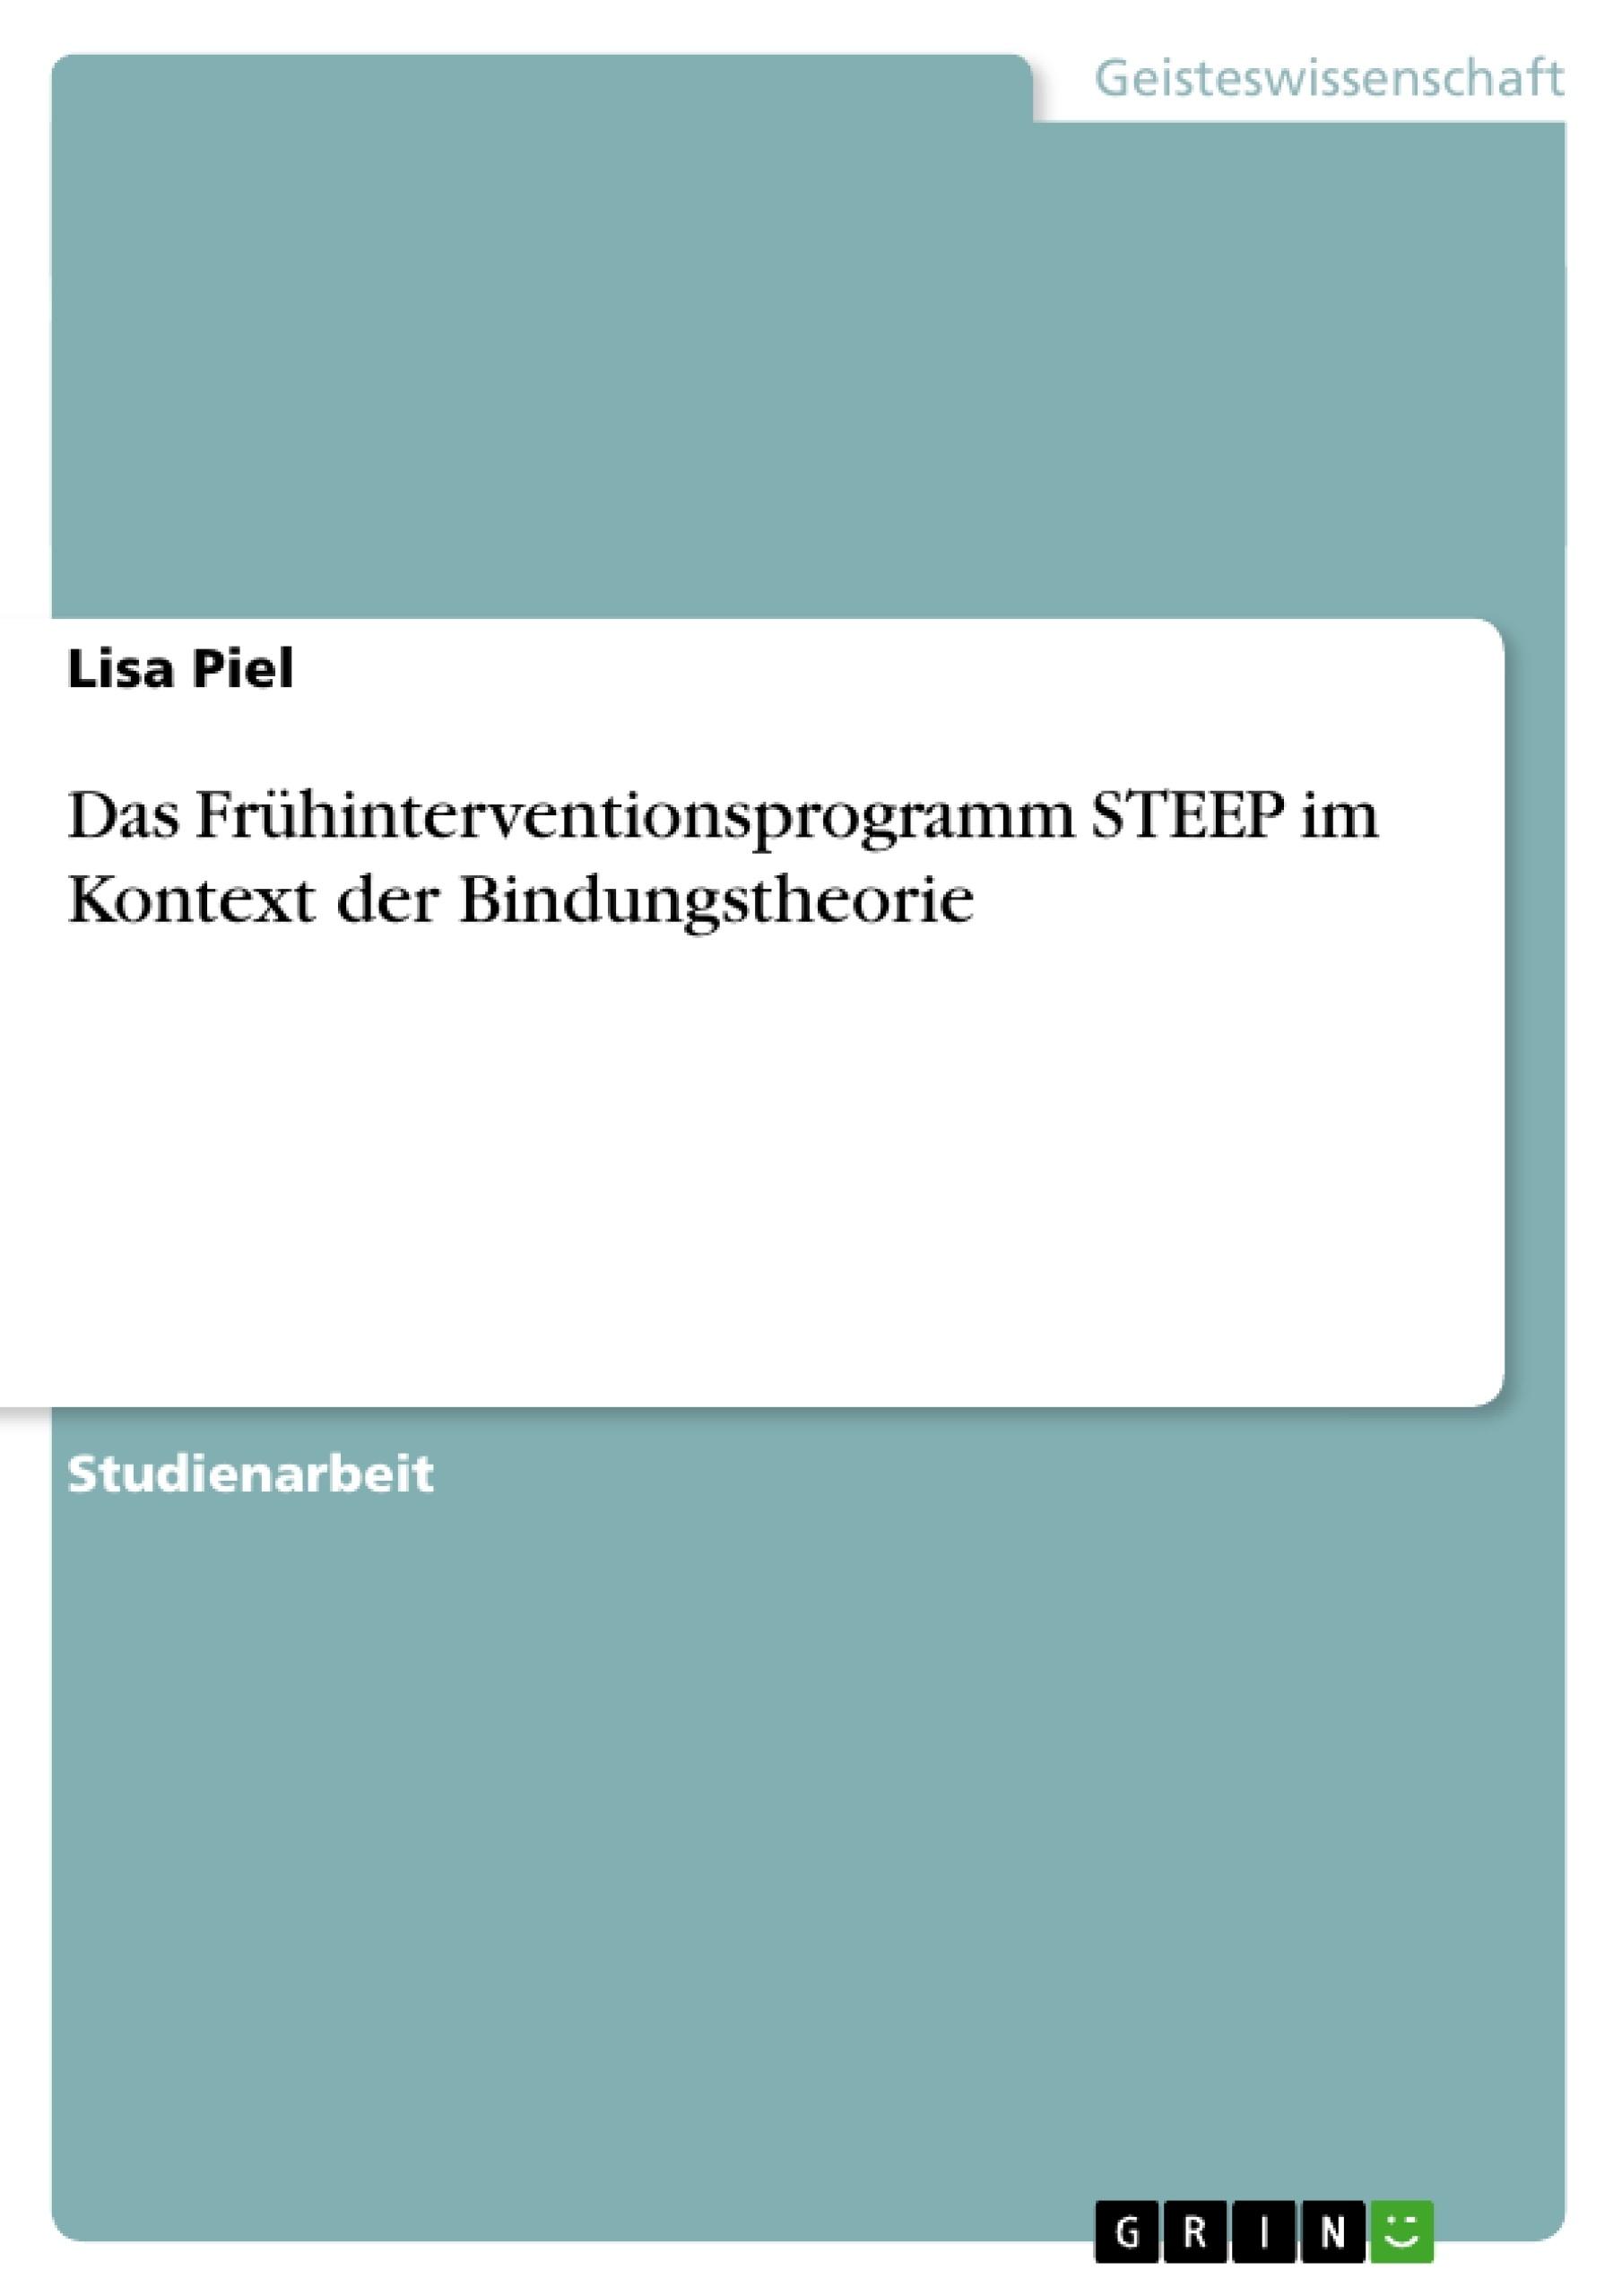 Titel: Das Frühinterventionsprogramm STEEP im Kontext der Bindungstheorie